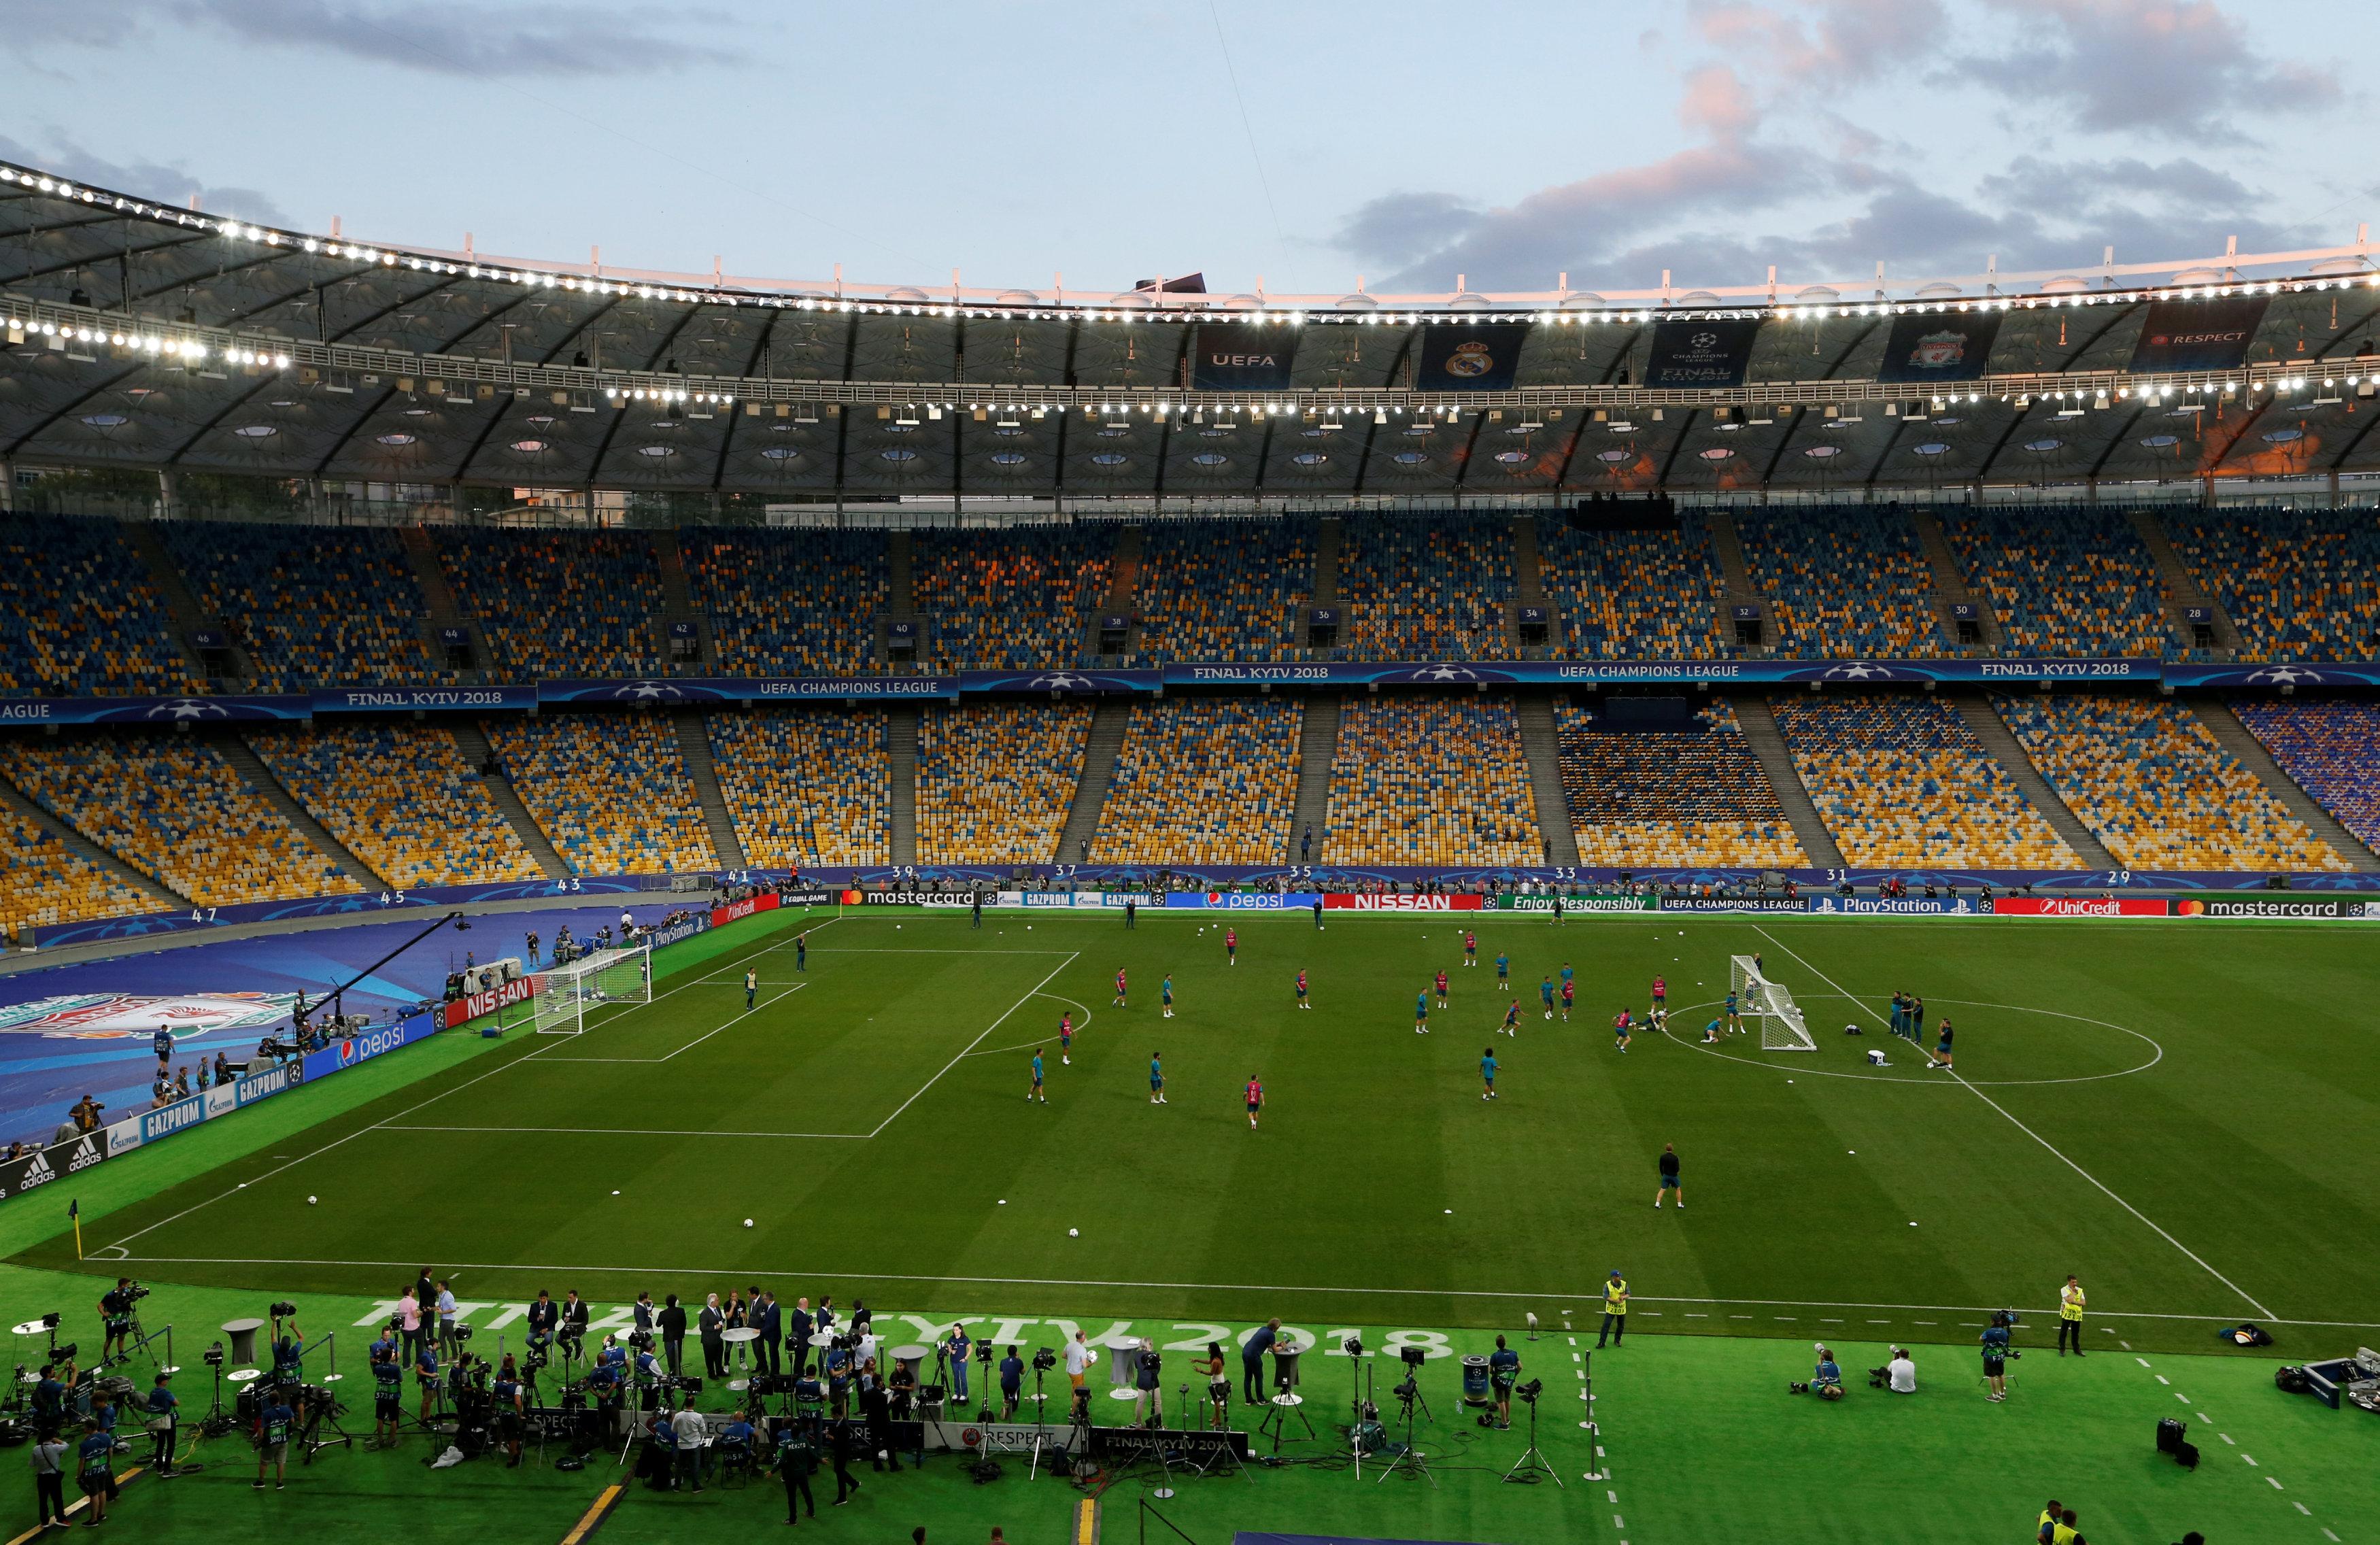 Свято футболу. Сьогодні в Києві - грандіозний фінал Ліги Чемпіонів УЄФА